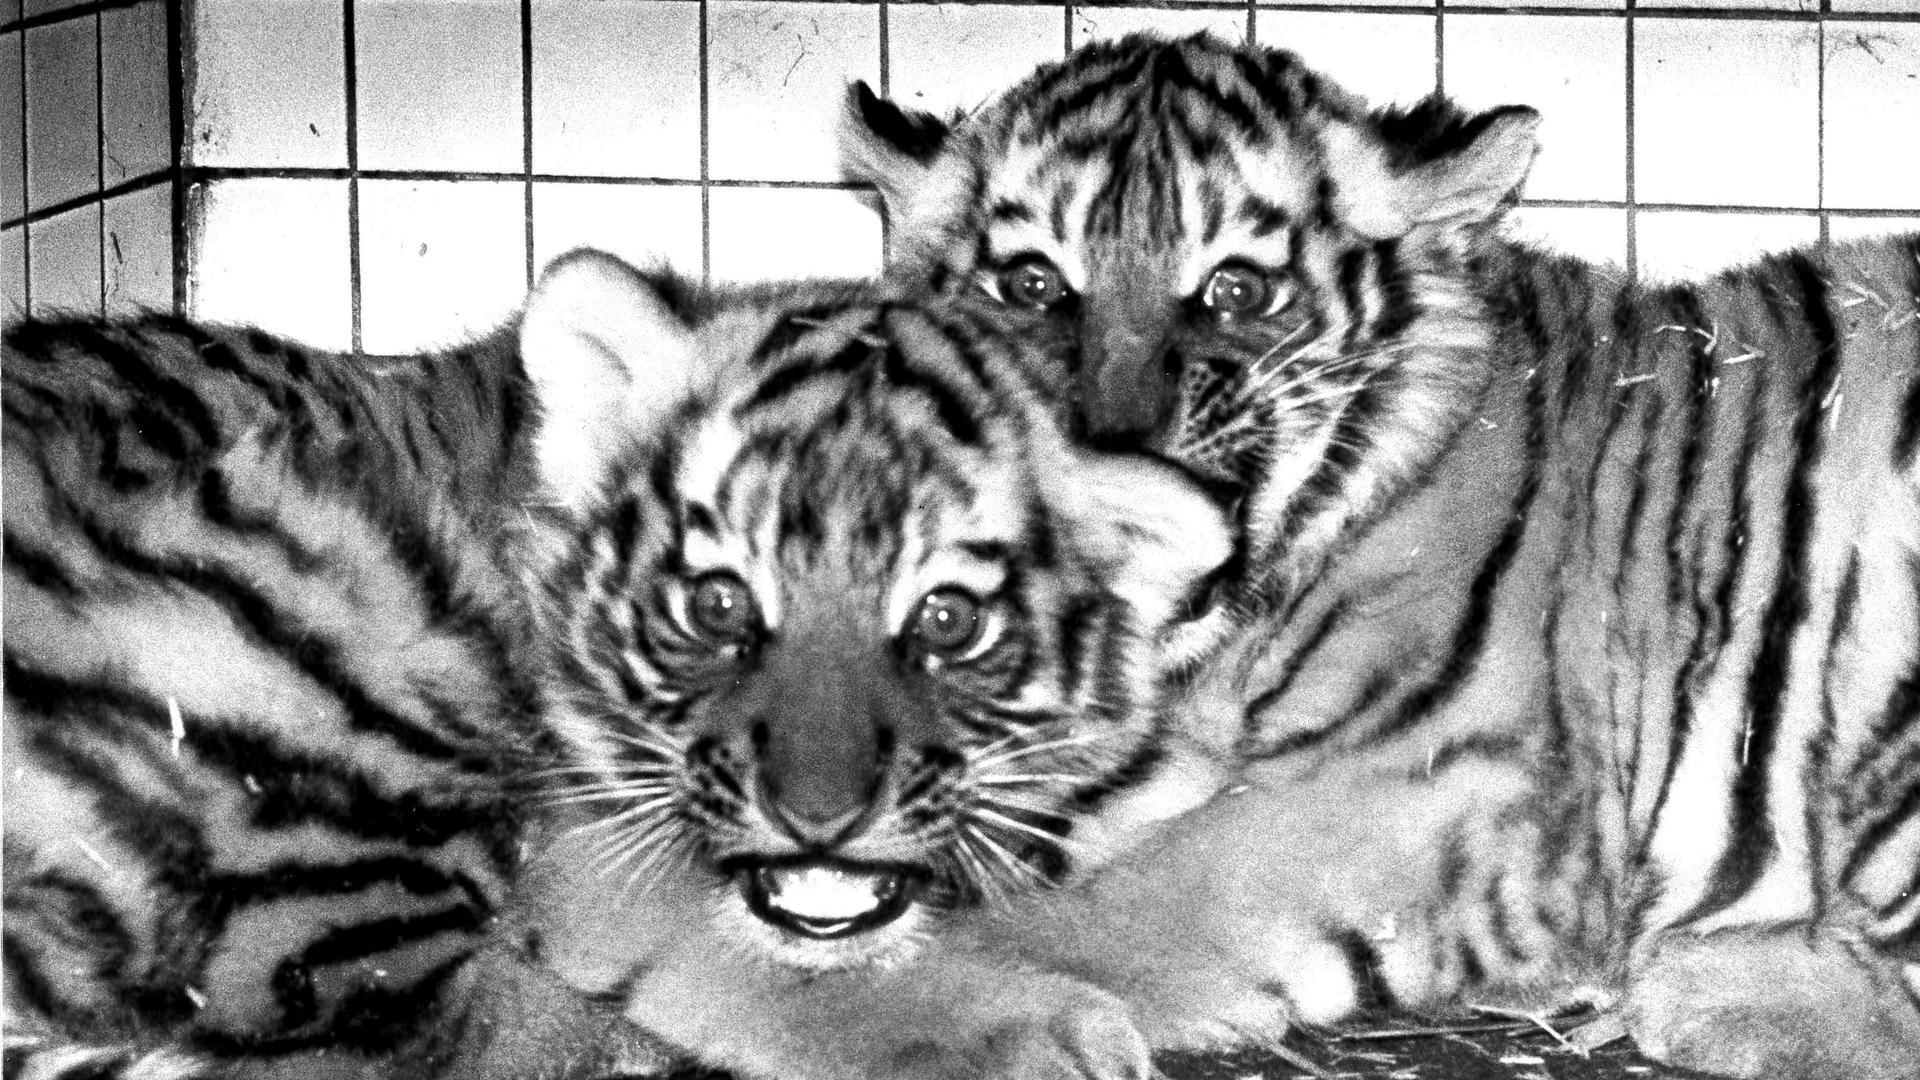 Zwei sibirische Tiger-Babys im Zoo Karlsruhe 1976